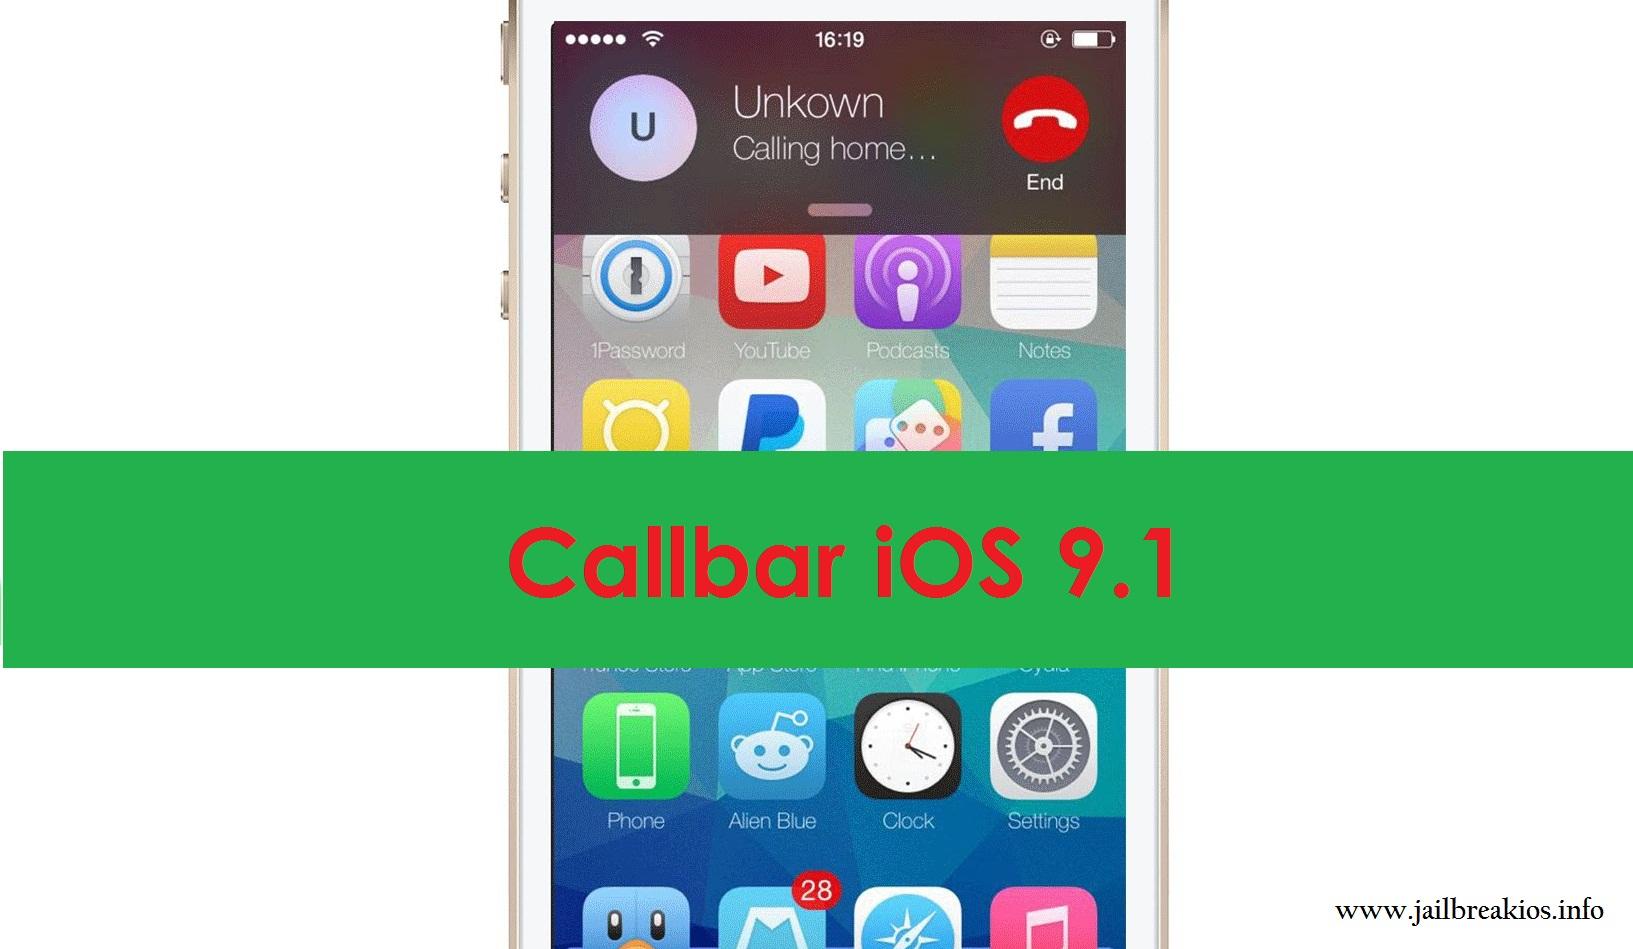 Callbar iOS 9.1